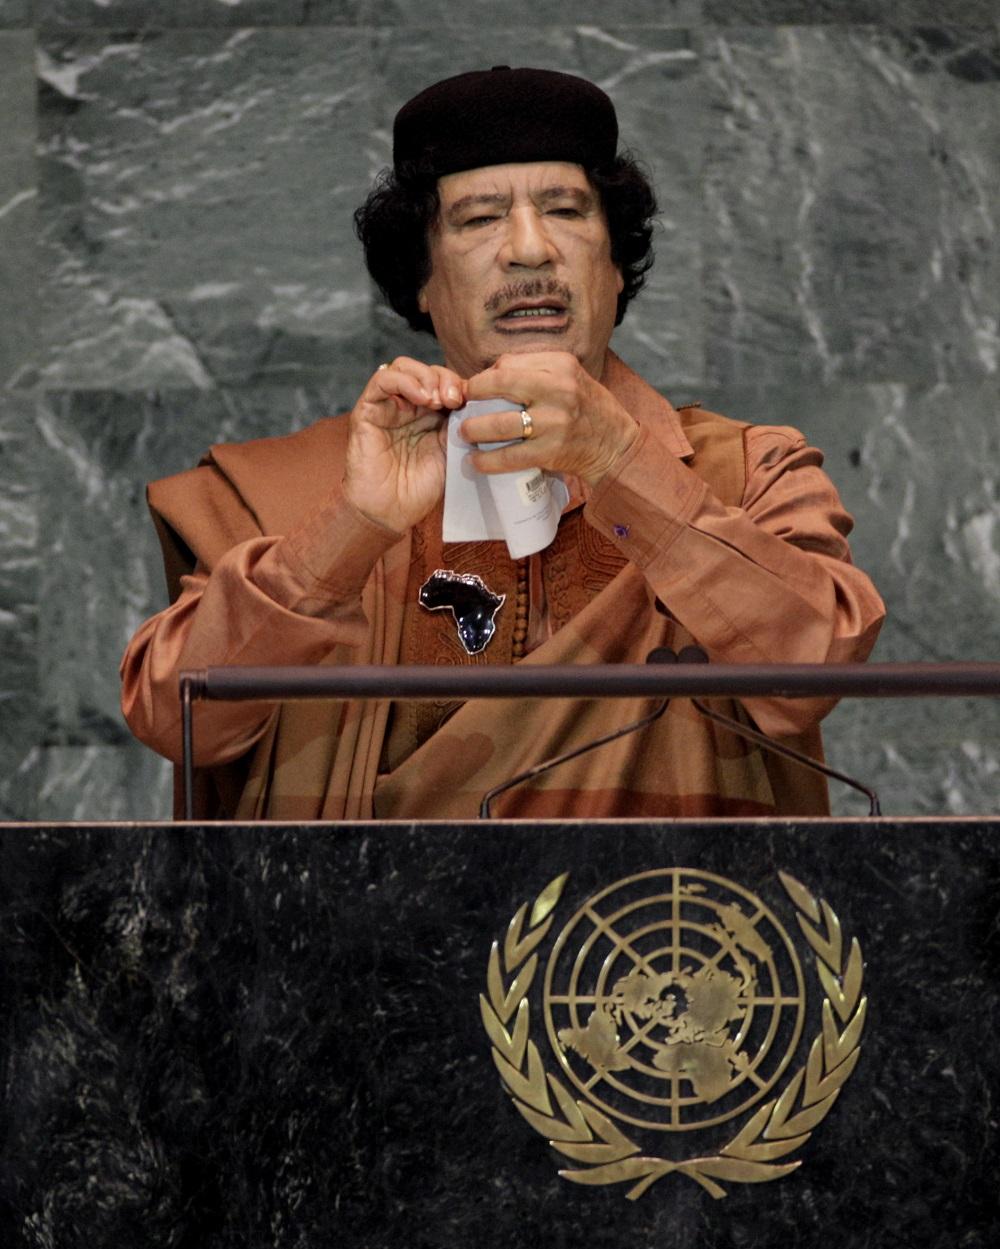 لحظات بیادماندنی مجمع عمومی سازمان ملل: از خشم قذافی تا خطکشی کودکانه نتانیاهو+تصاویر